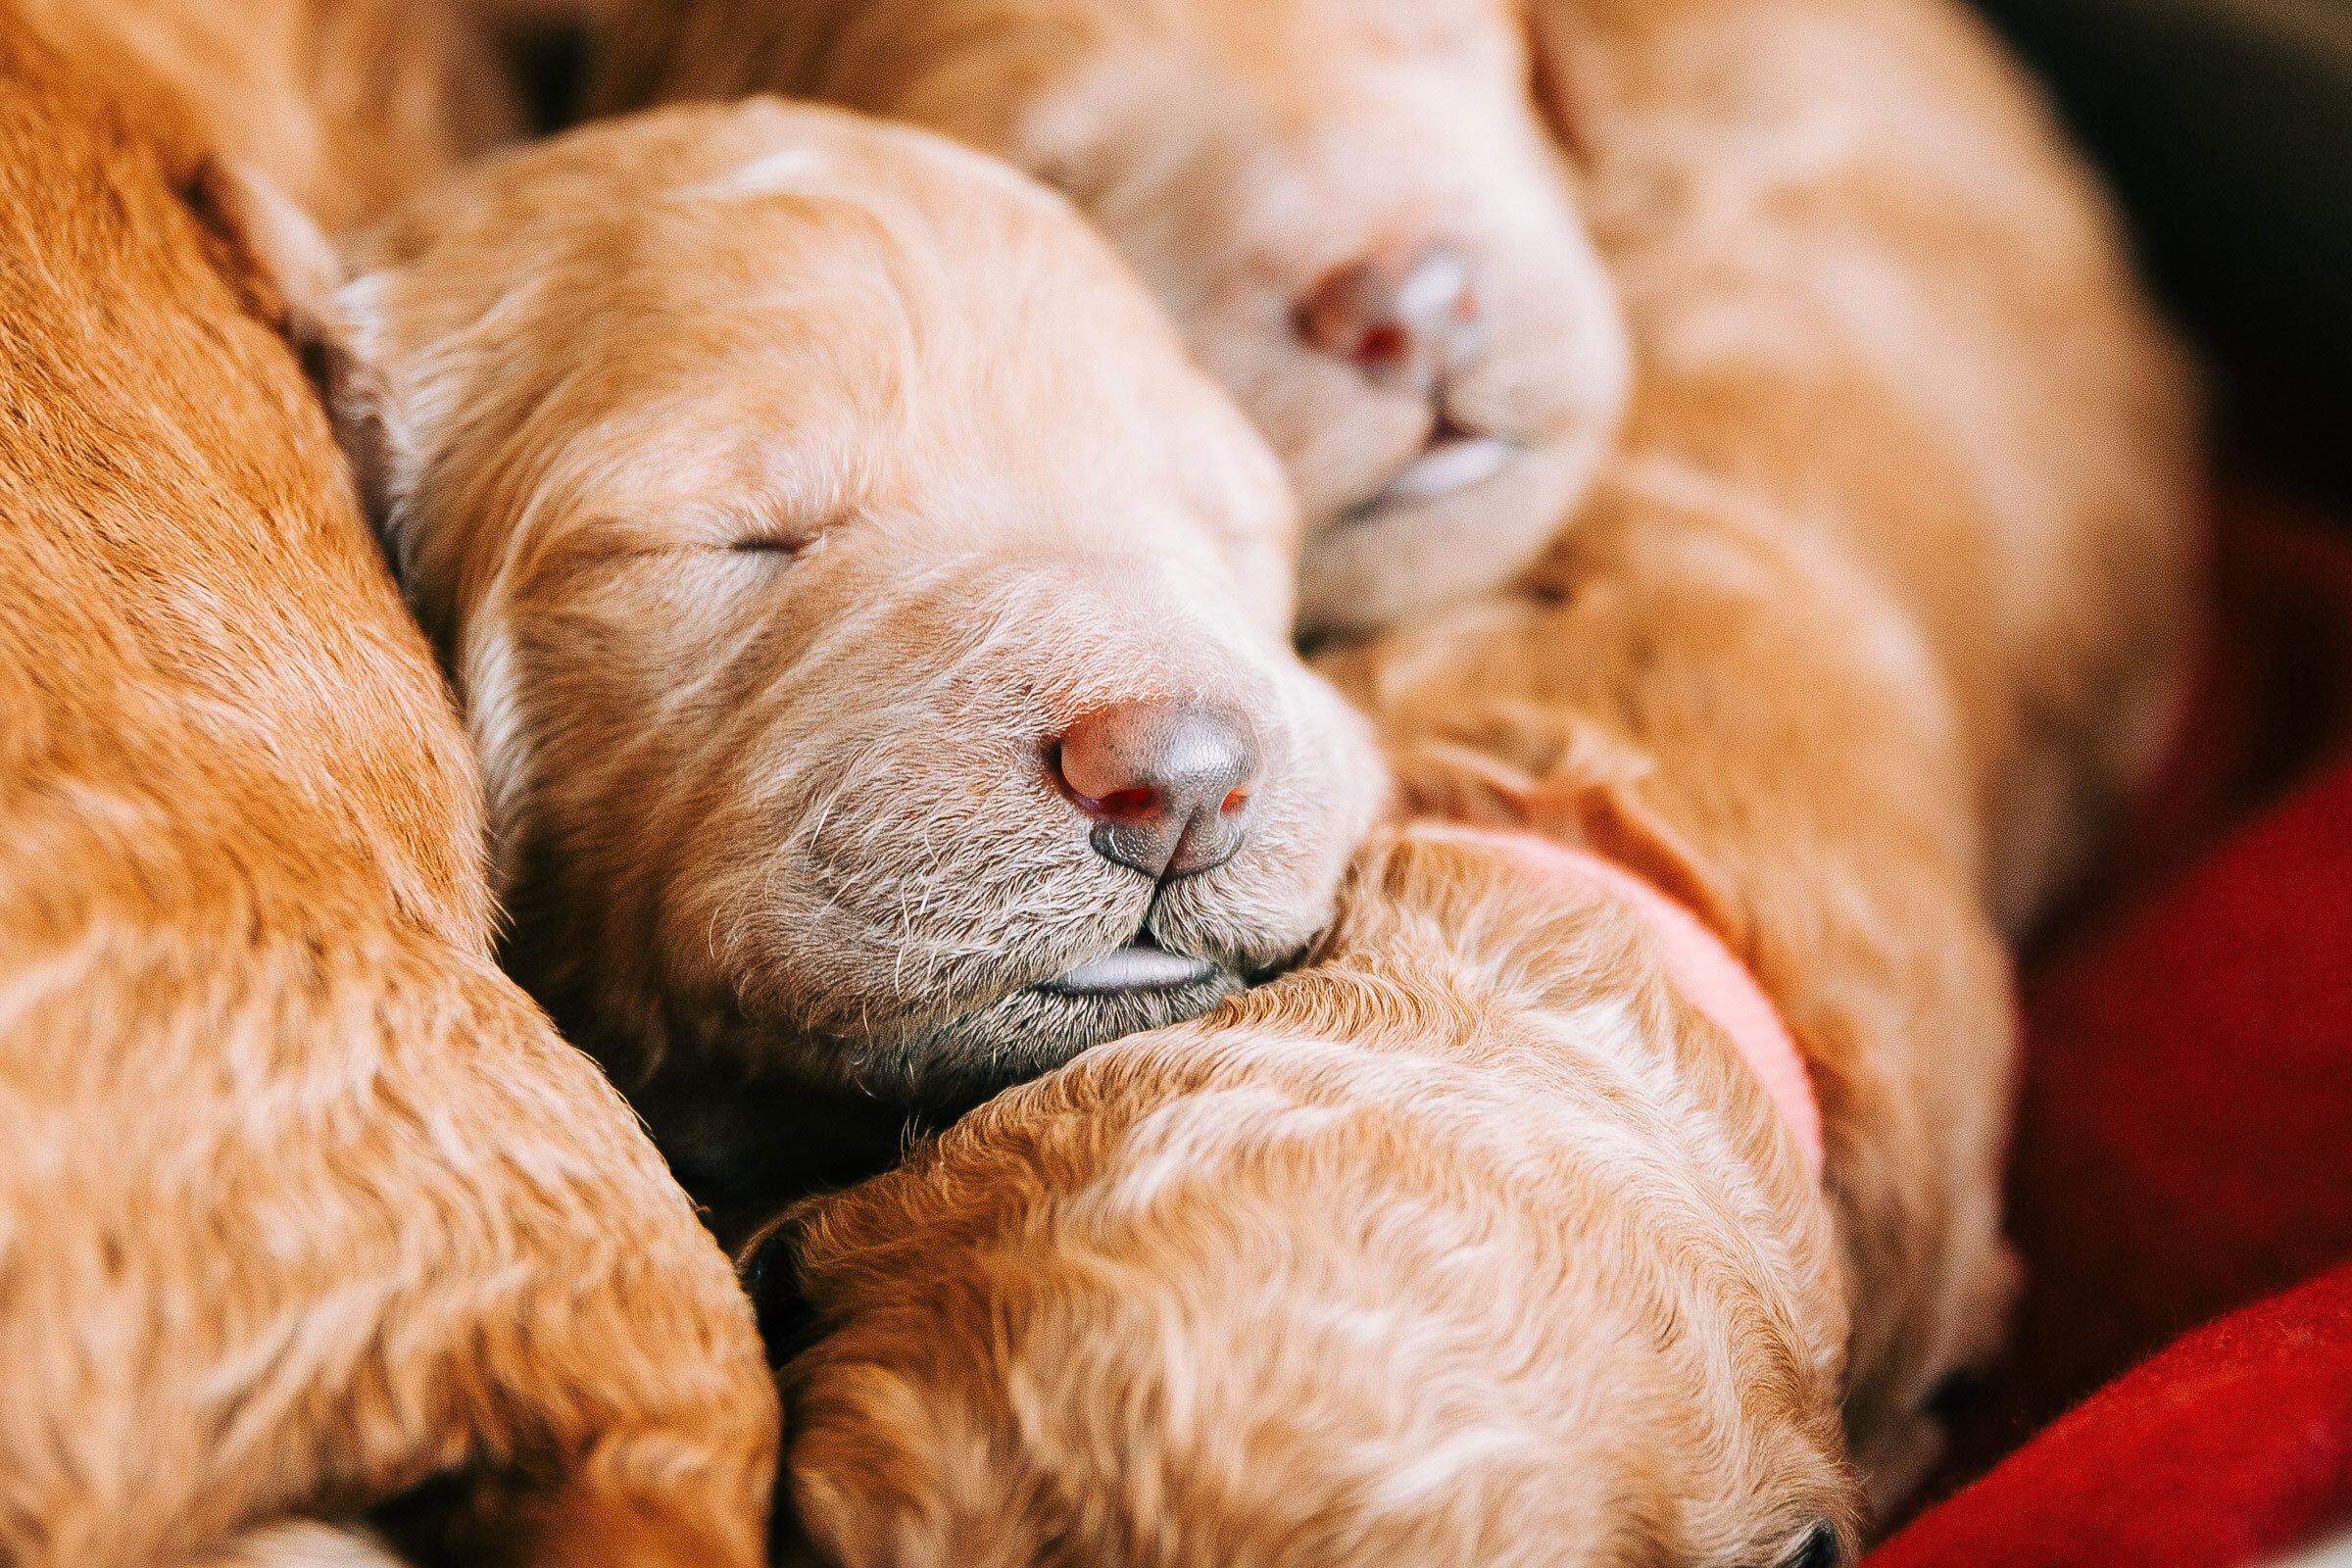 goldendoodle-puppy-caney-creek-doodles-nose.jpg